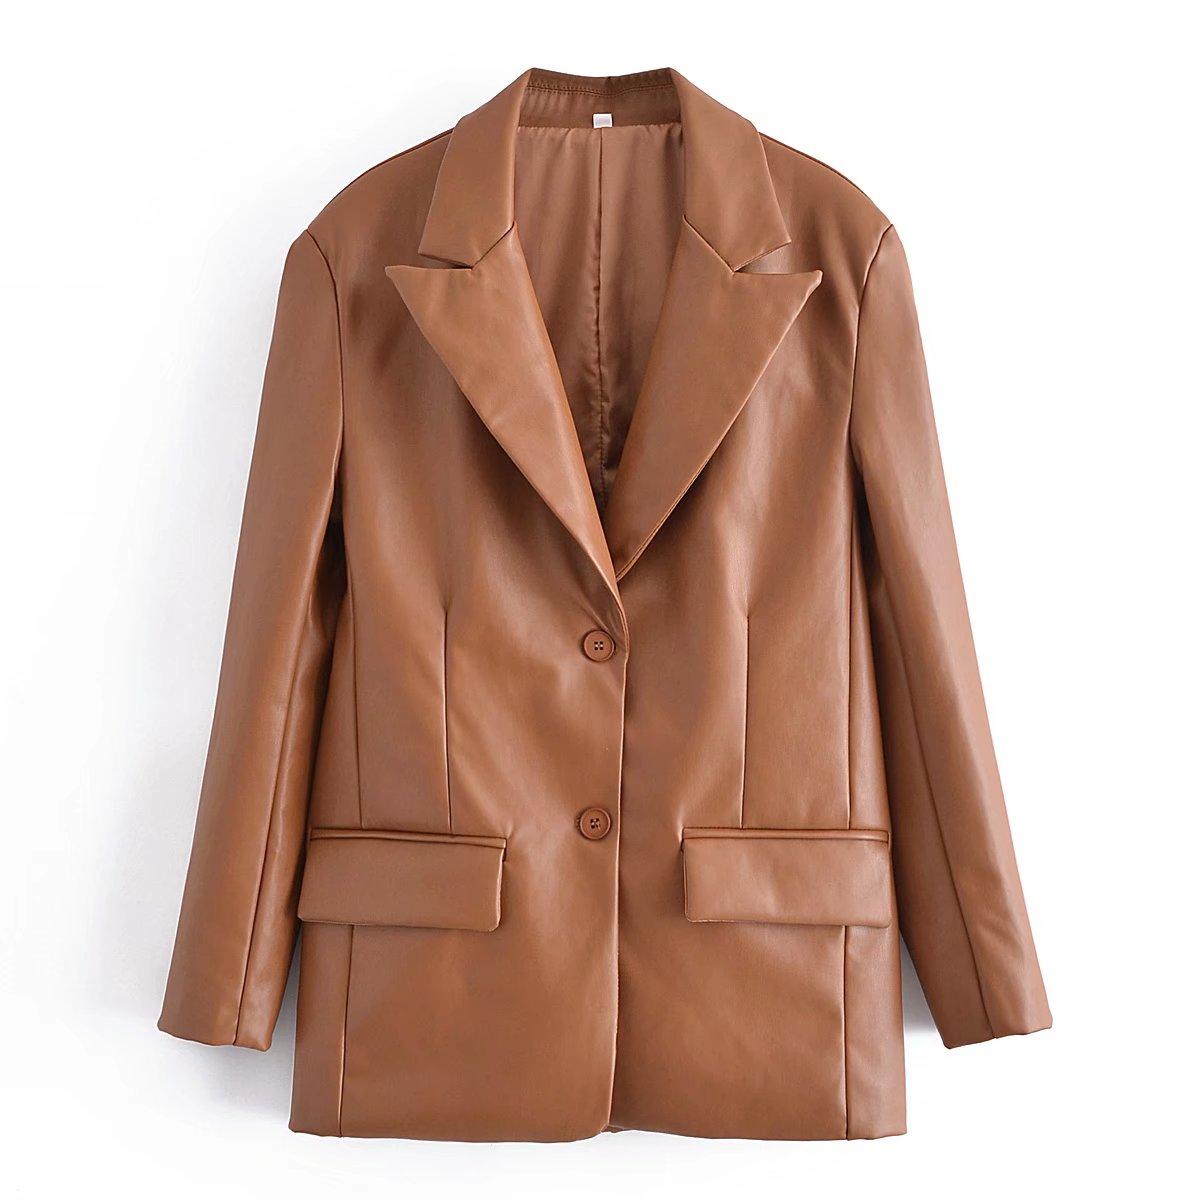 Длинные блейзеры из искусственной кожи коричневого цвета, женская кожаная куртка, пальто, брендовые новые женские куртки, верхняя одежда, Ж...